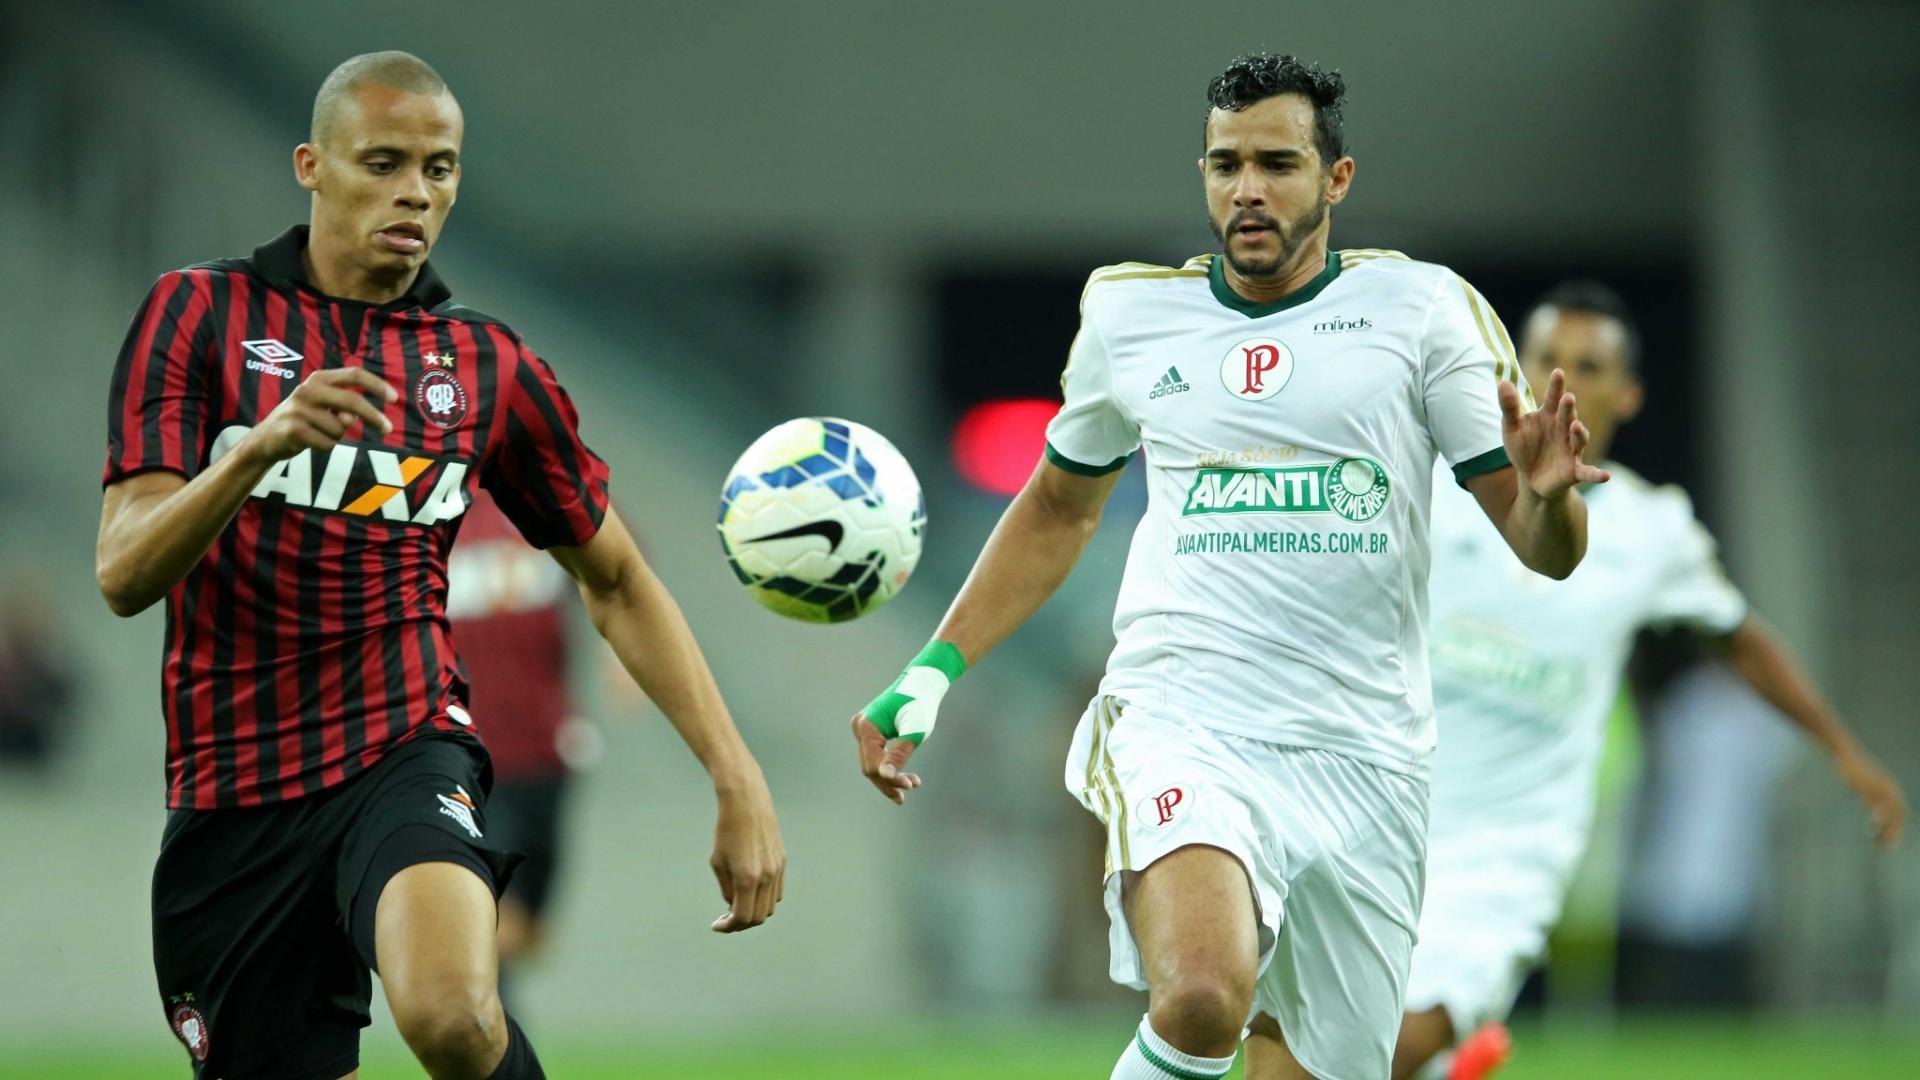 Henrique disputa a bola com jogador do Atlético-PR em partida do Palmeiras pelo Brasileirão